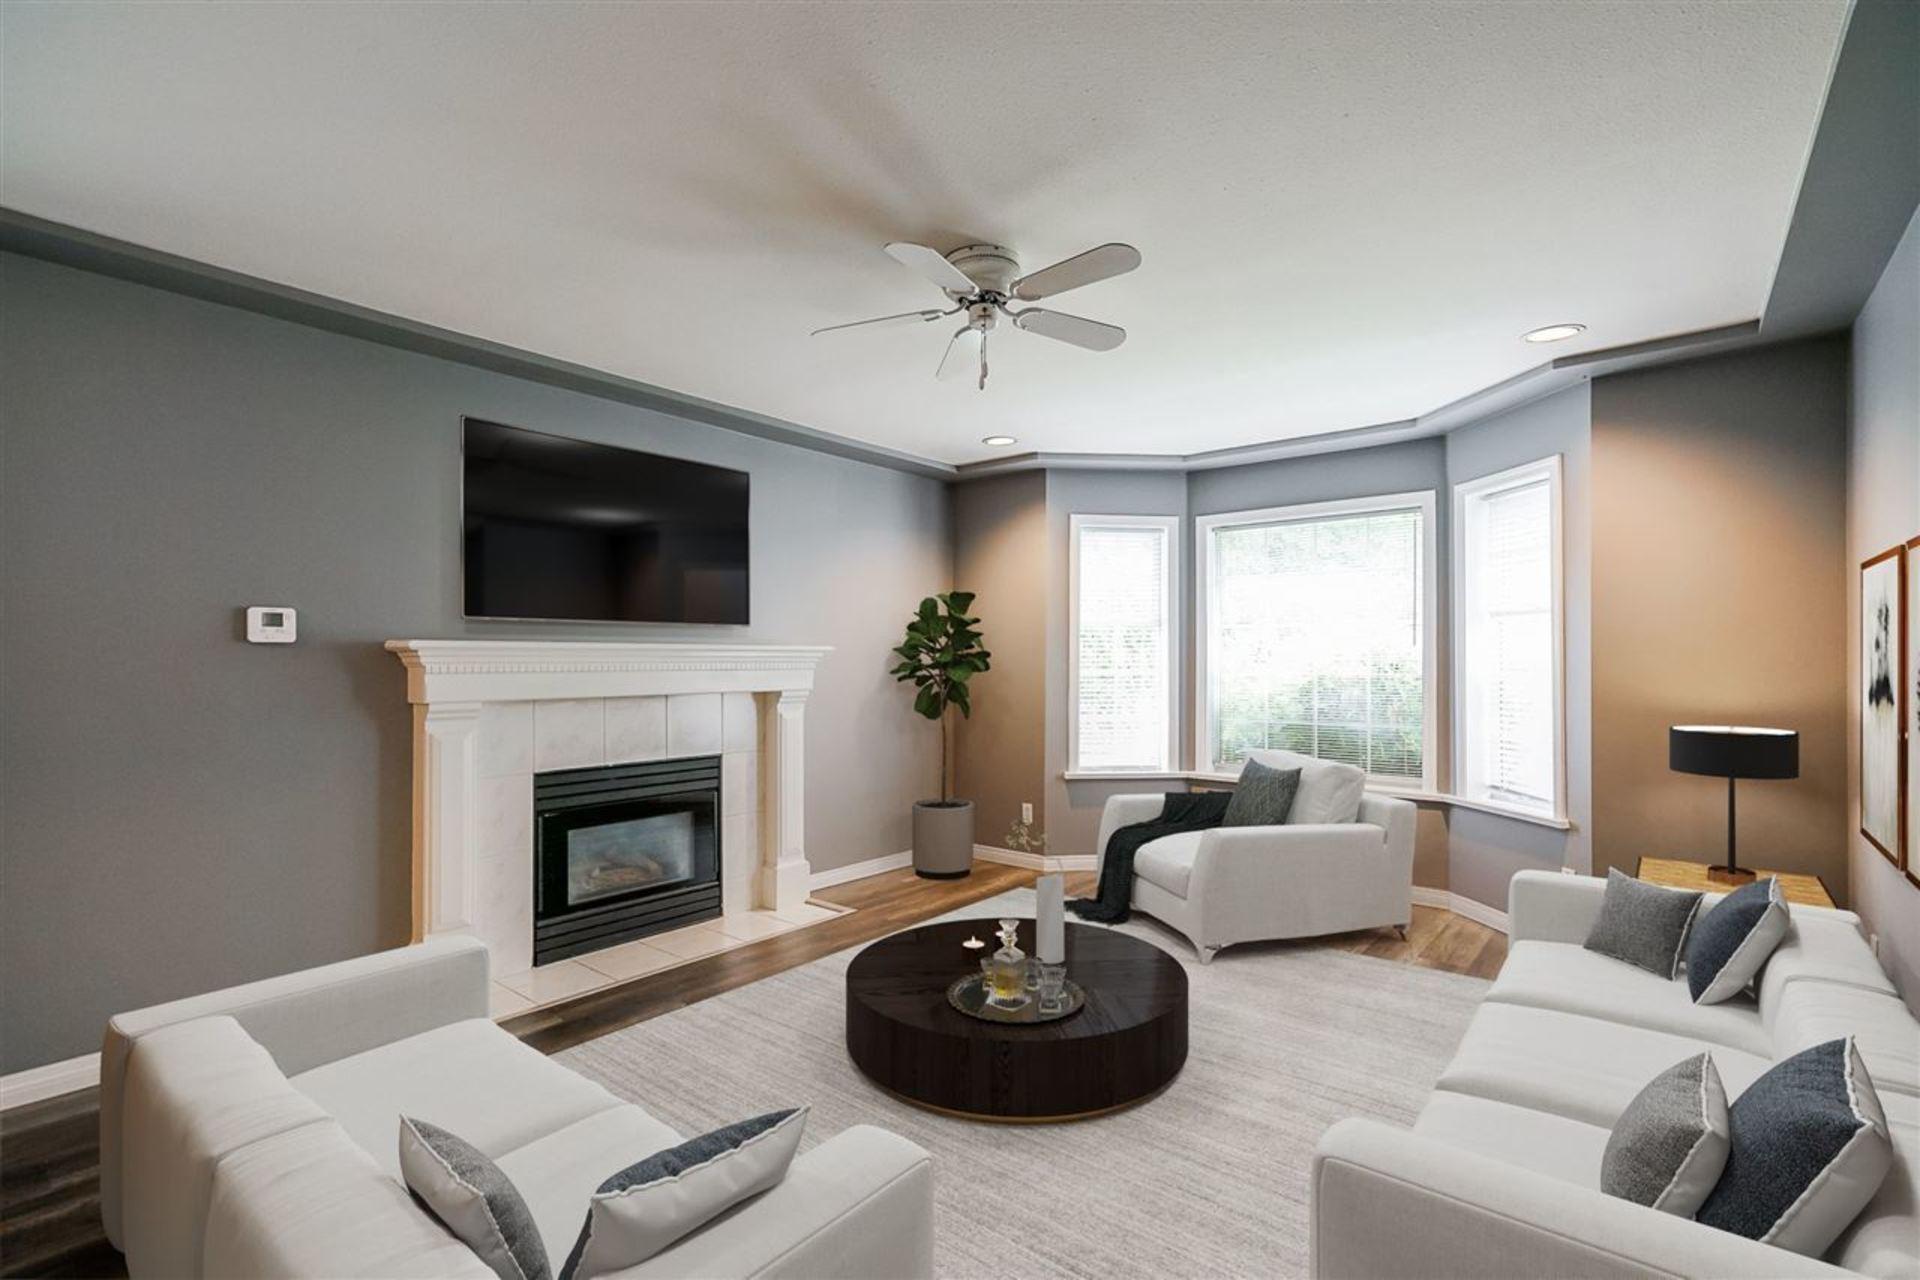 22110-122-avenue-west-central-maple-ridge-03 of 22110 122 Avenue, West Central, Maple Ridge